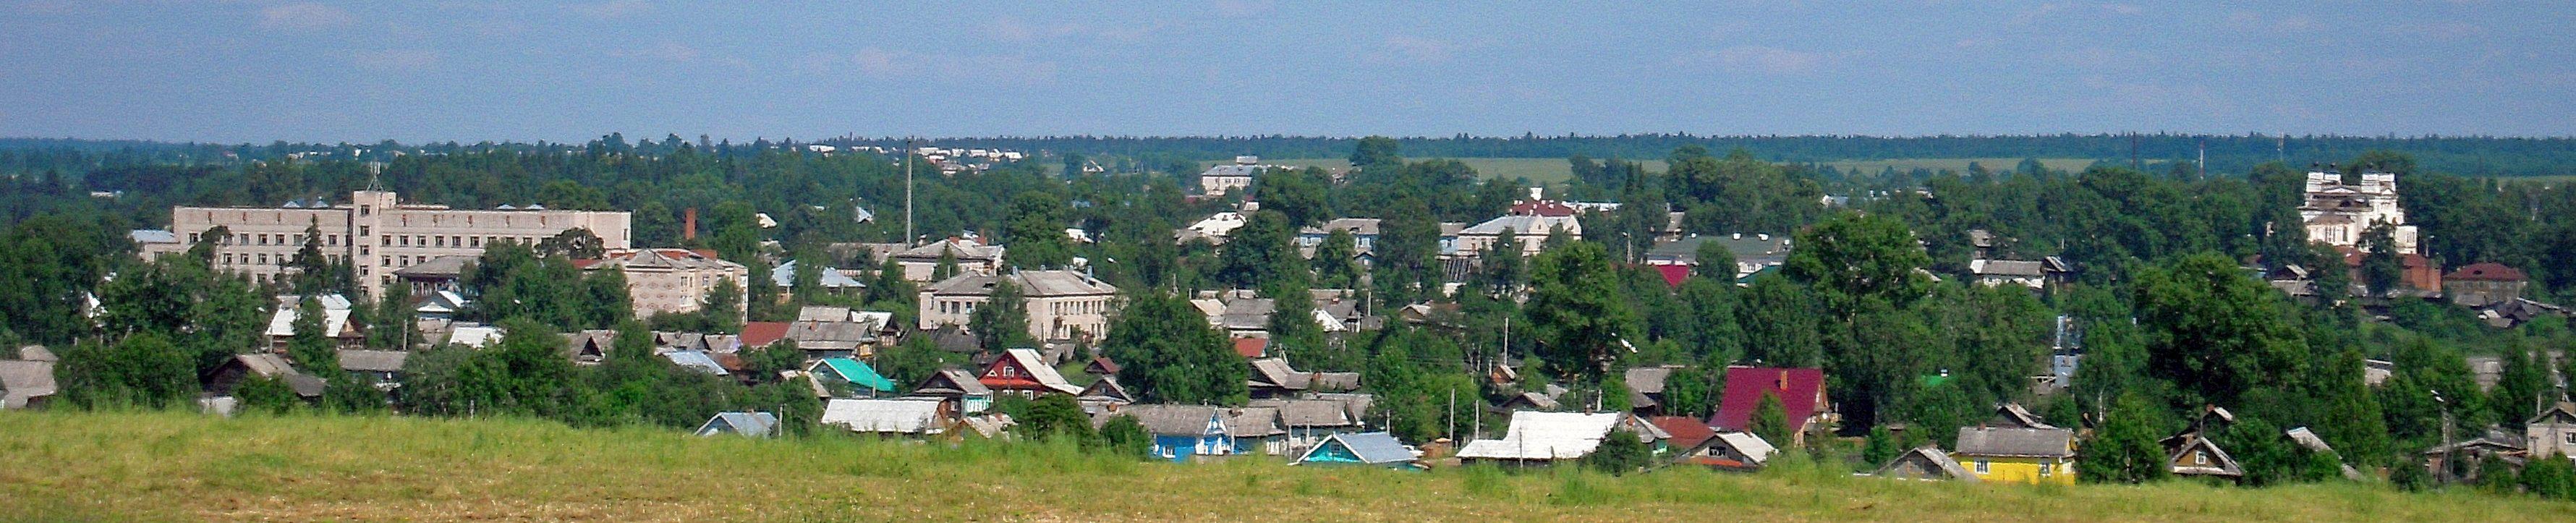 Администрация муниципального образования «Город Никольск» Вологодской области